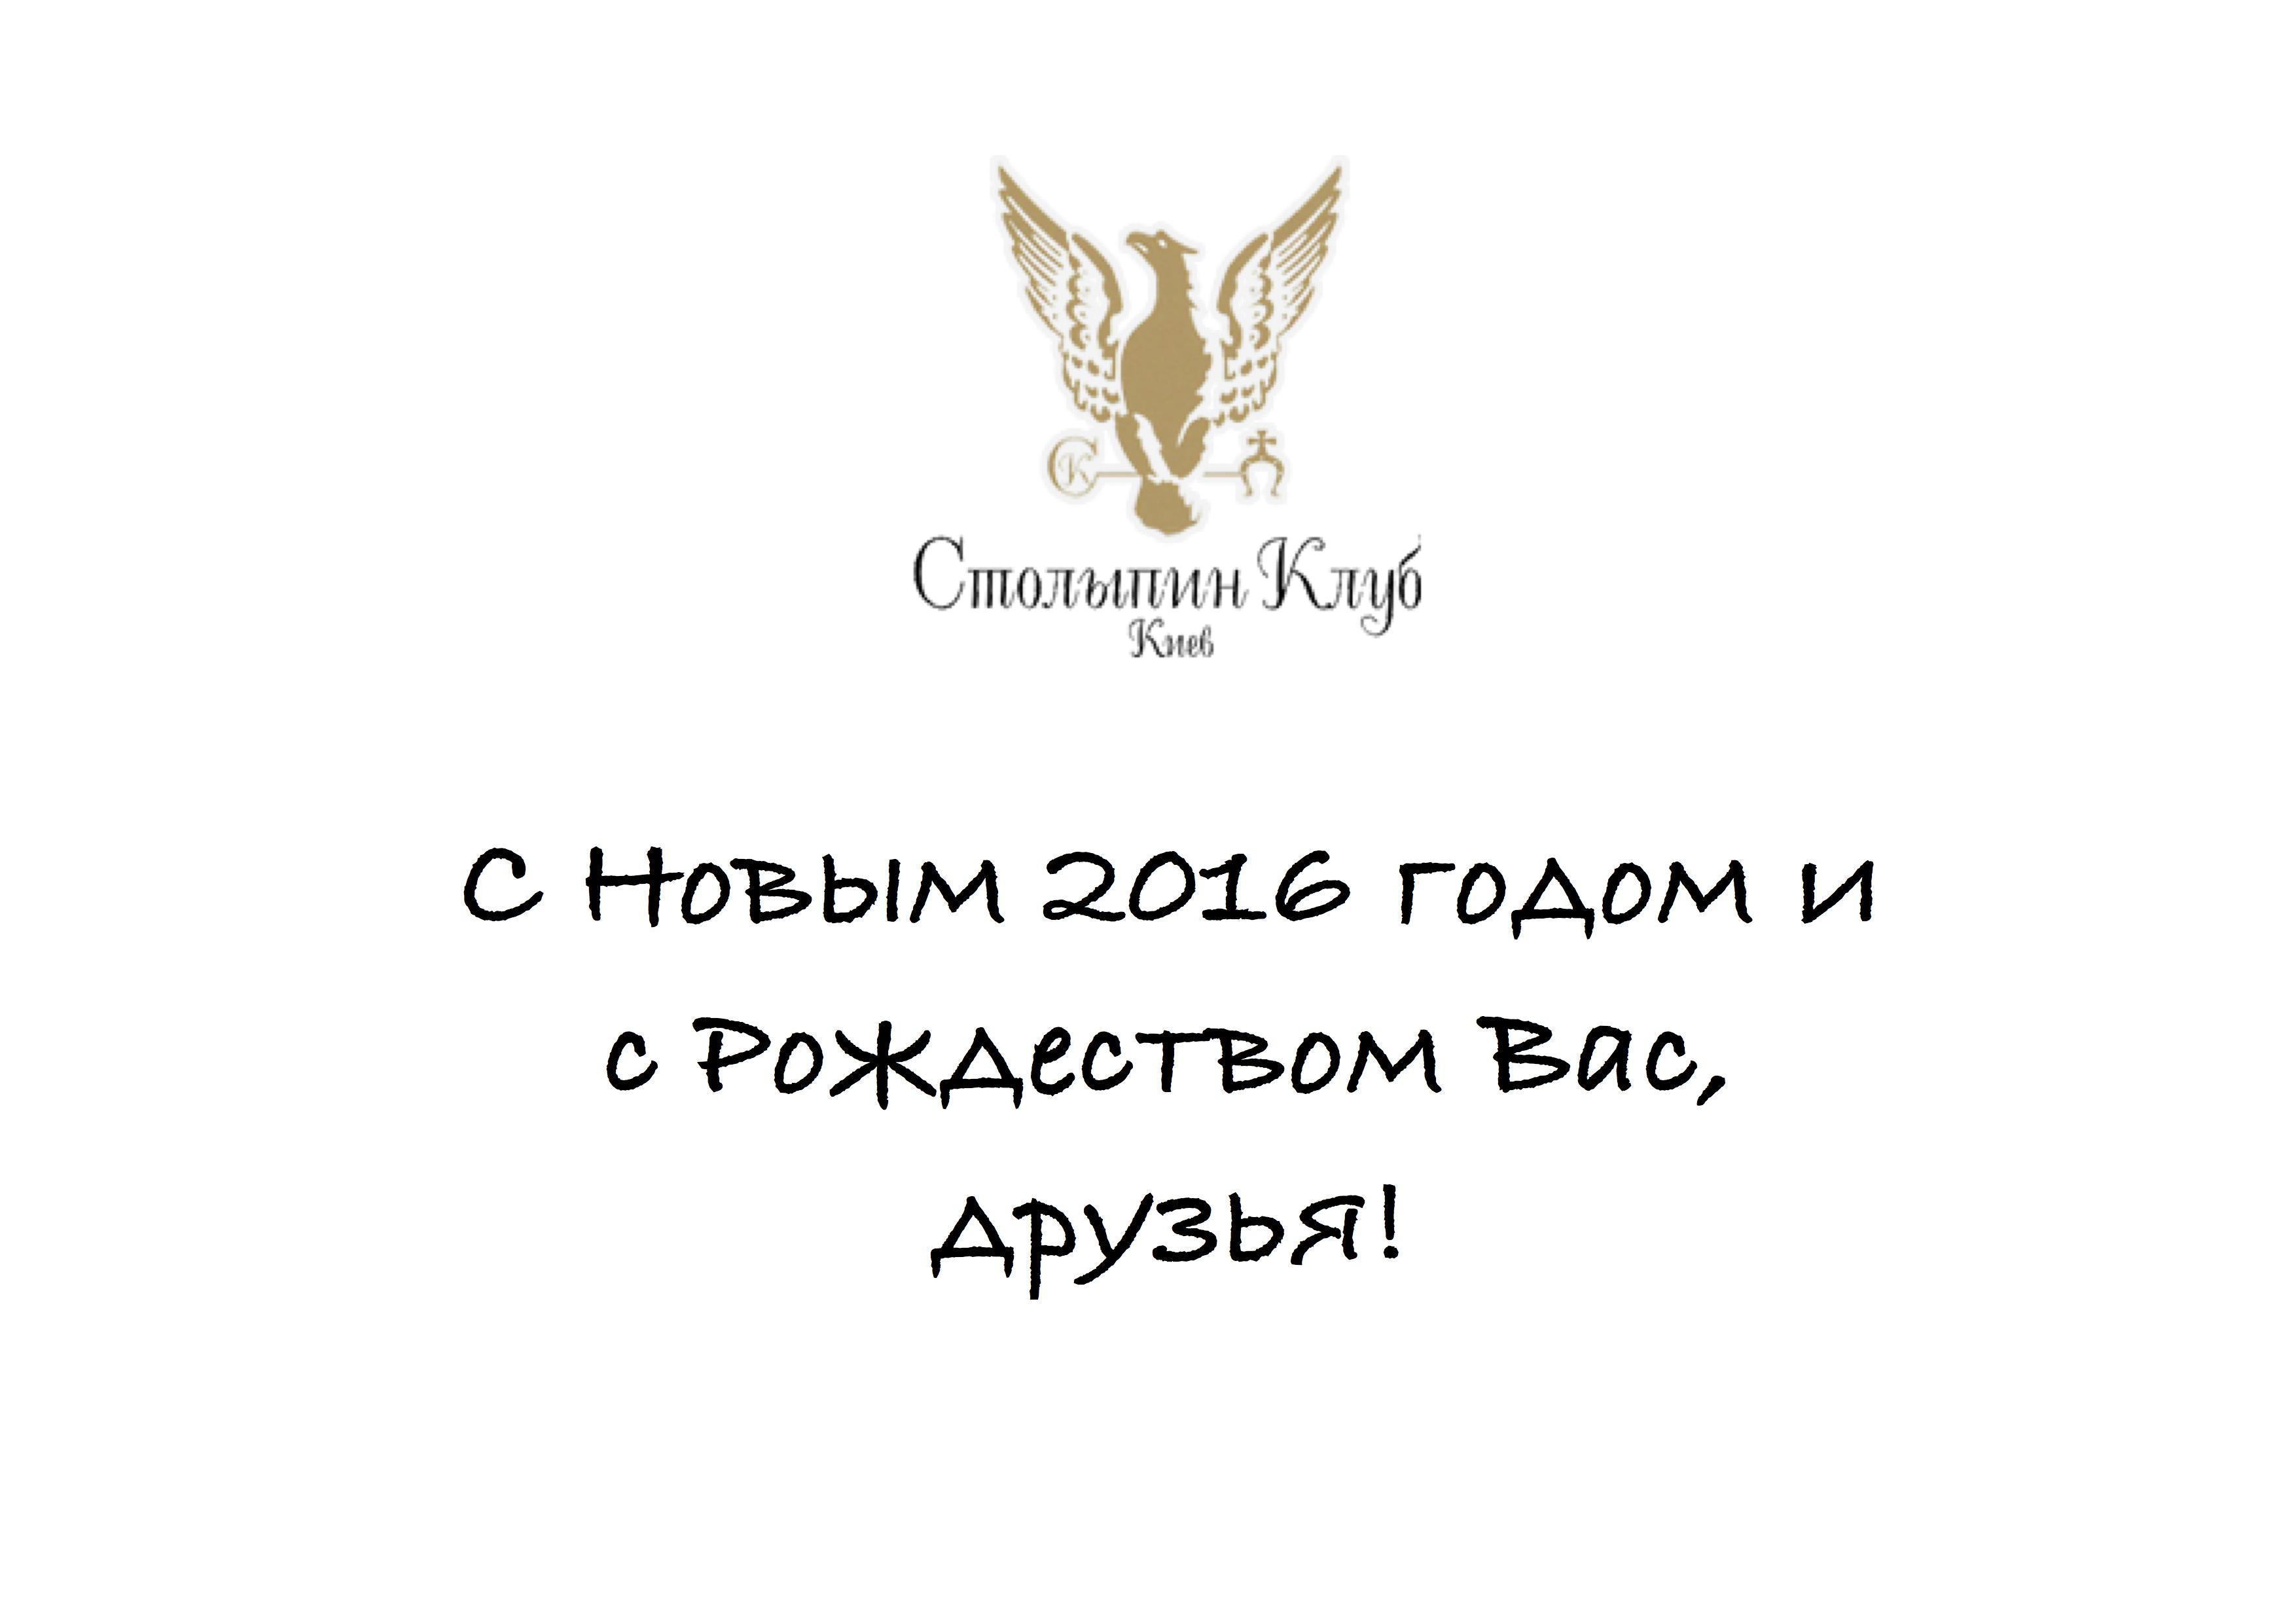 Байрам 2015 поздравление